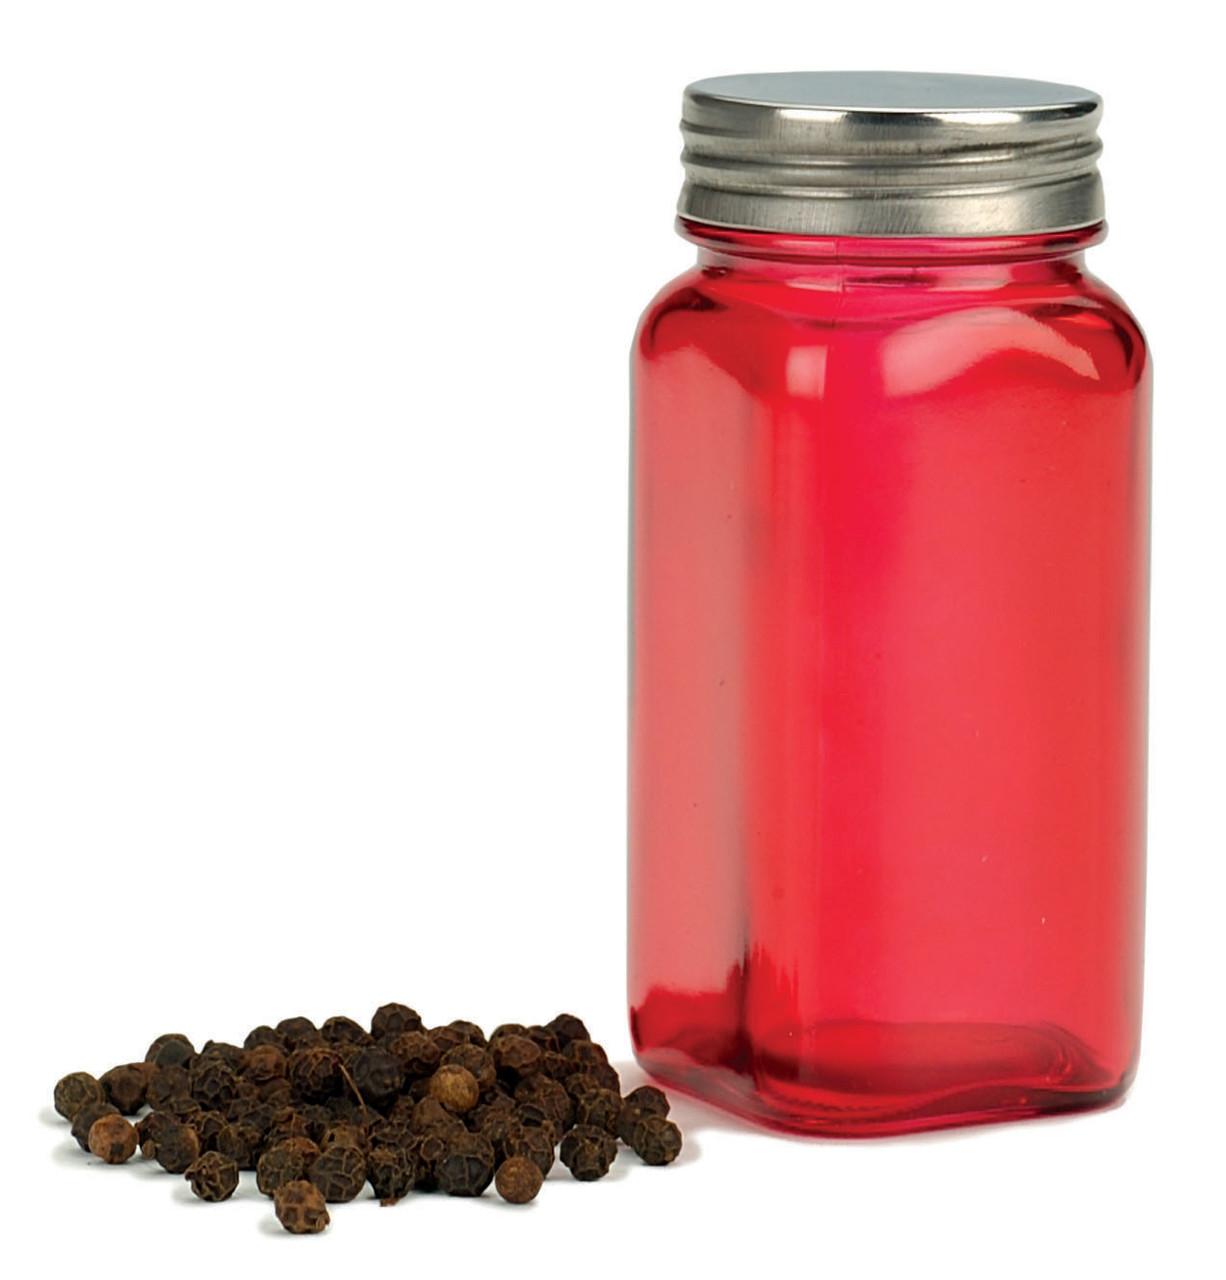 RSVP Endurance Square Glass Spice Bottle - Ruby Red - Set of 6 (RSVP SQR-R Case)